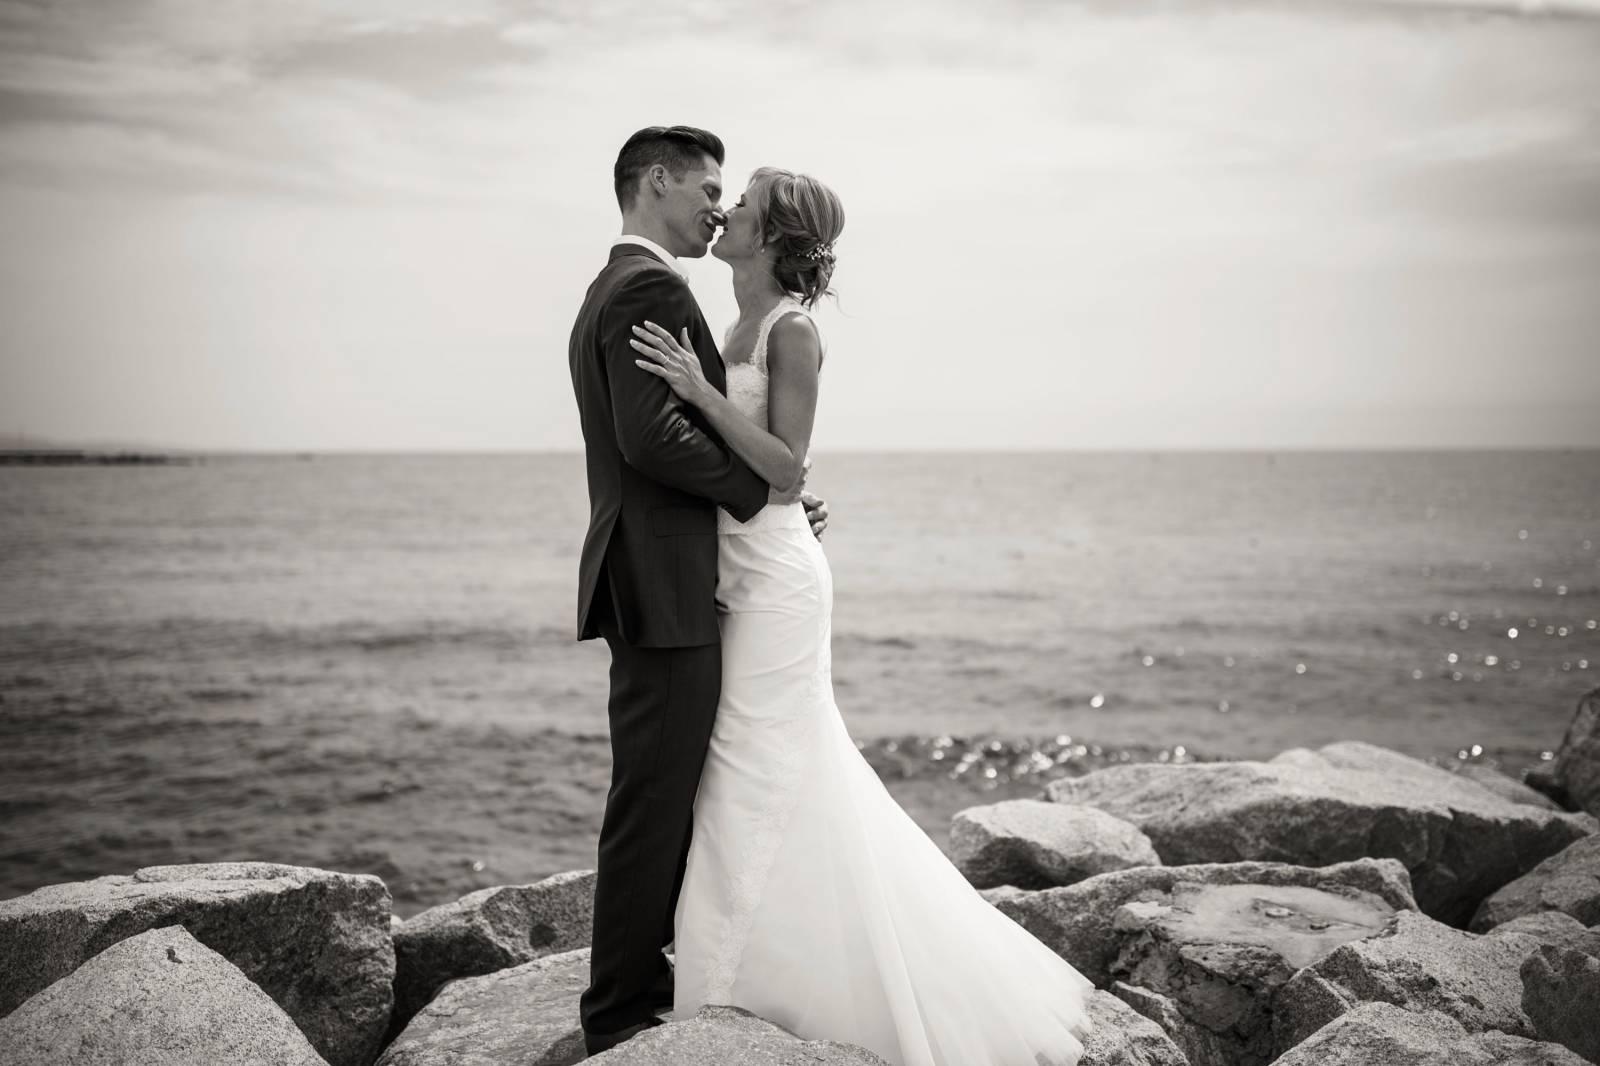 GPix Photography - House of Weddings - 29